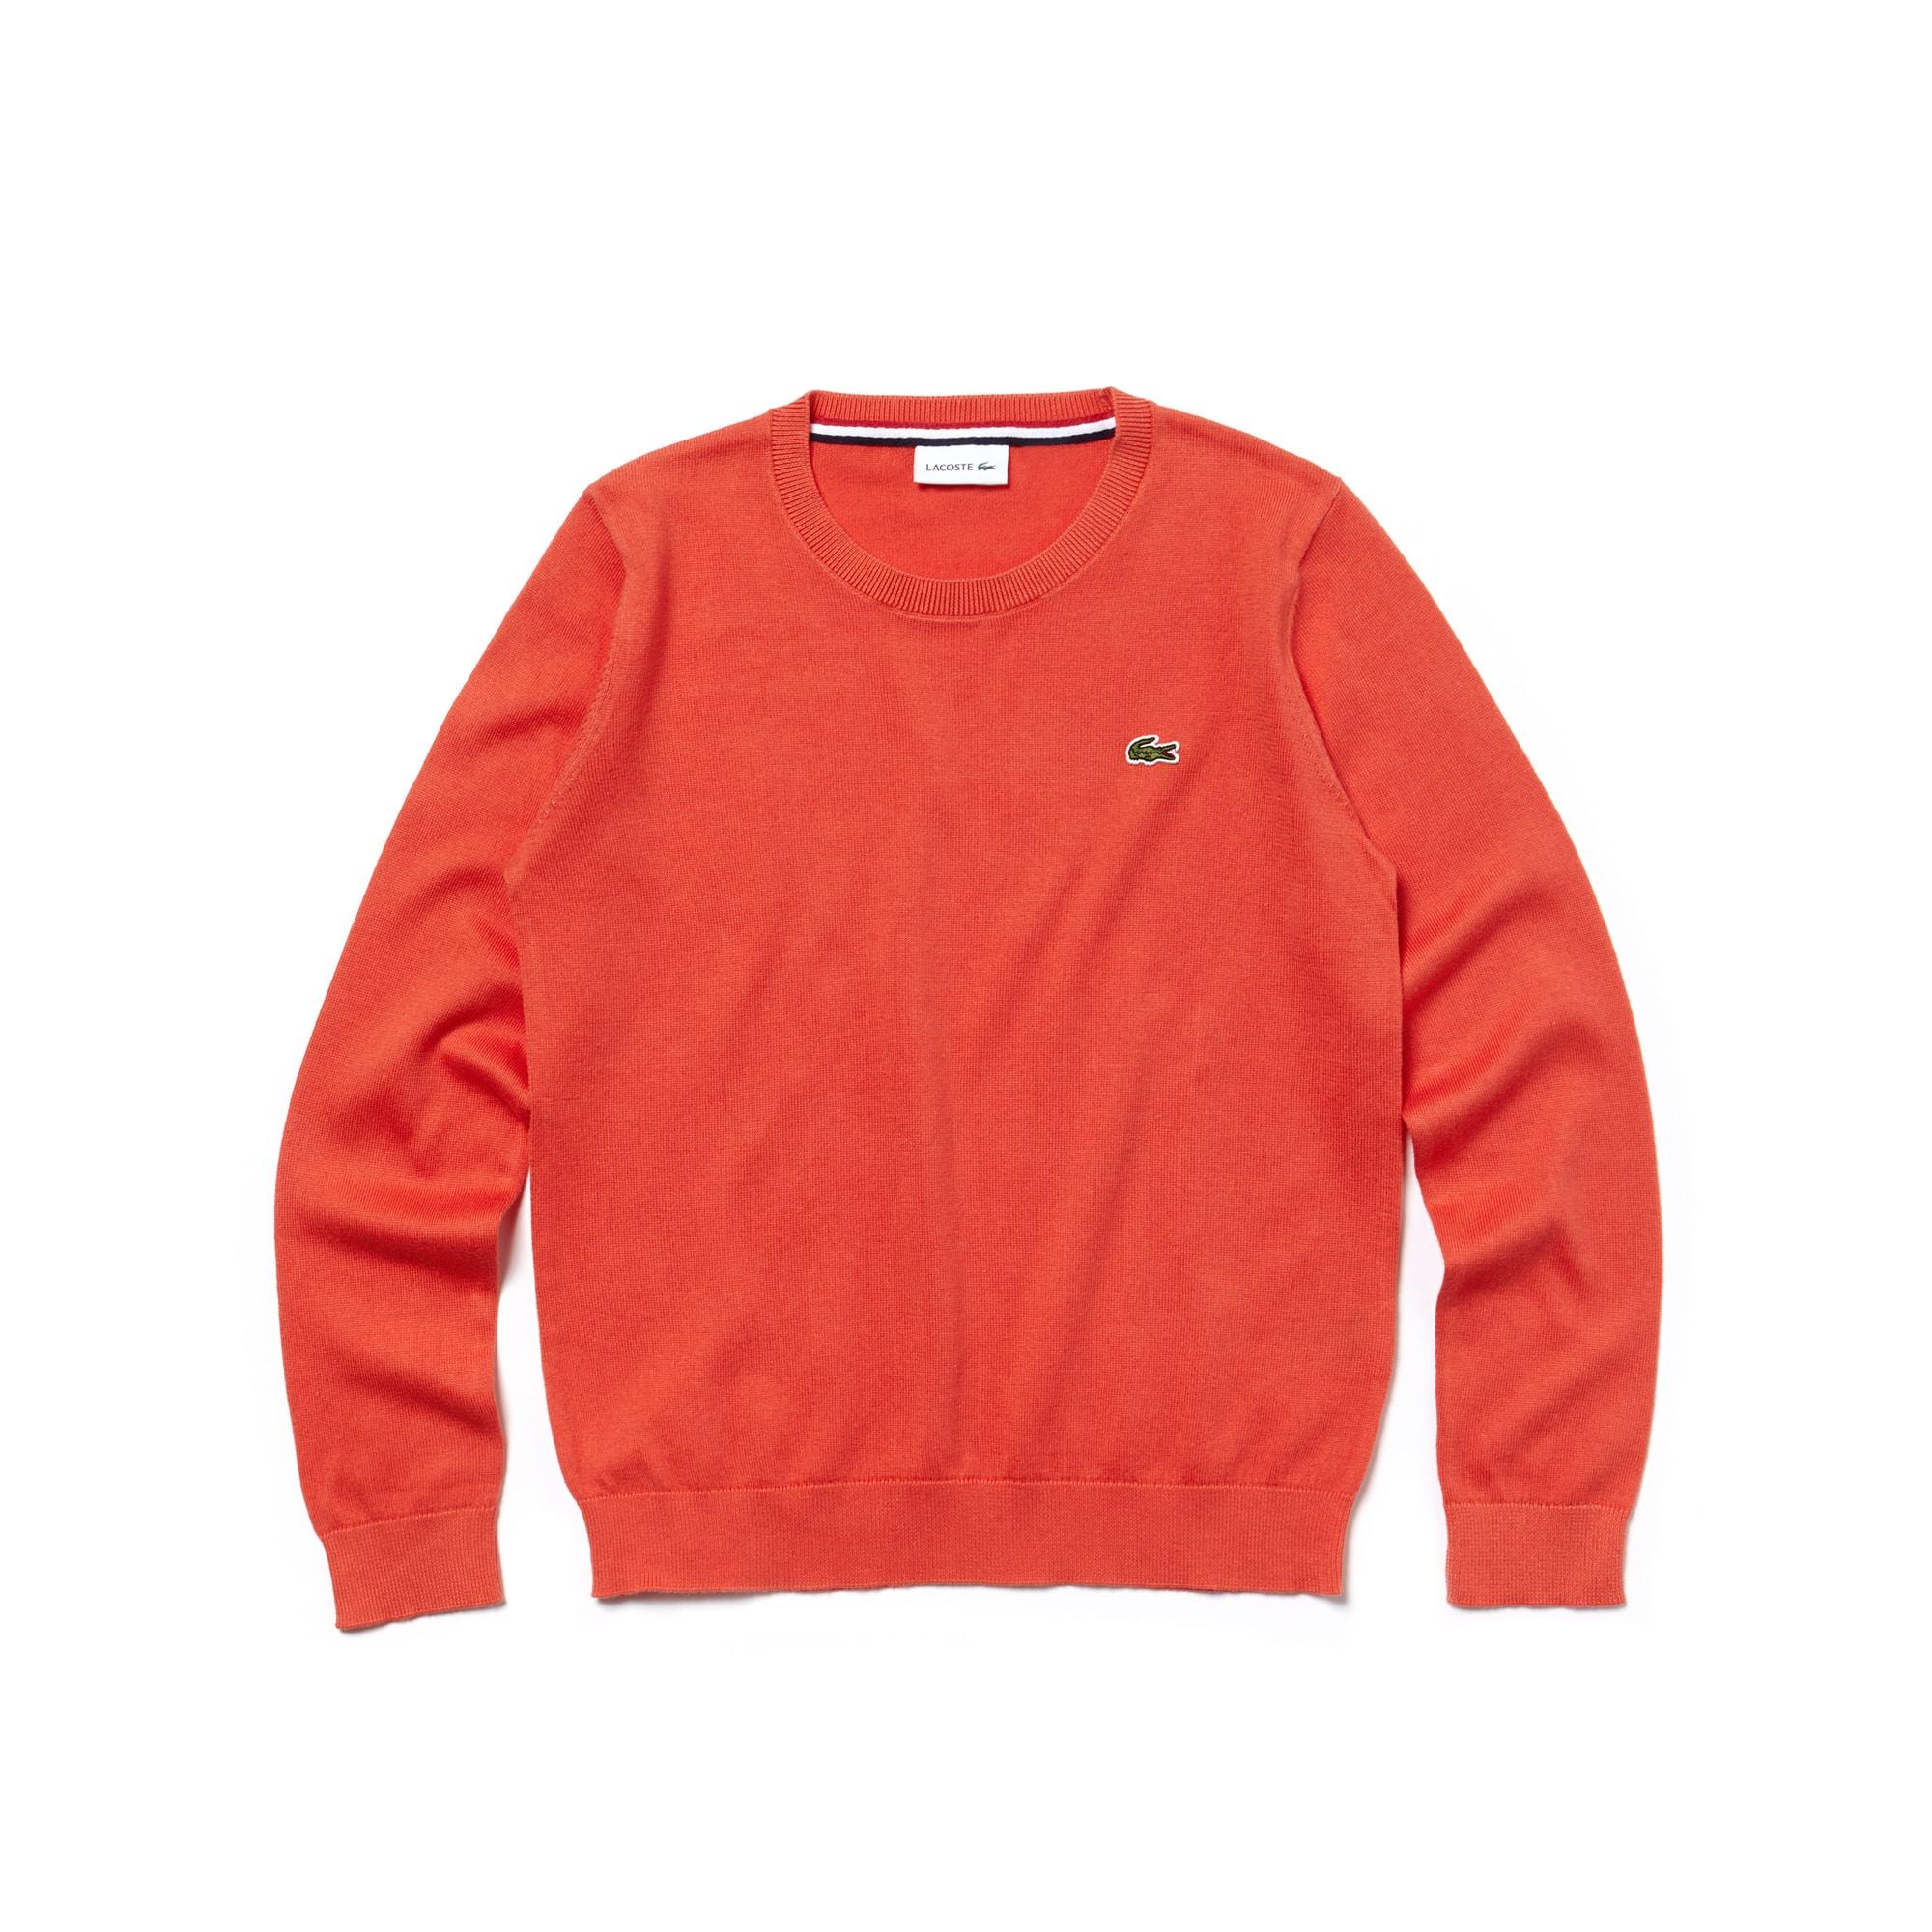 Camisola Menino decote redondo em jersey de algodão unicolor